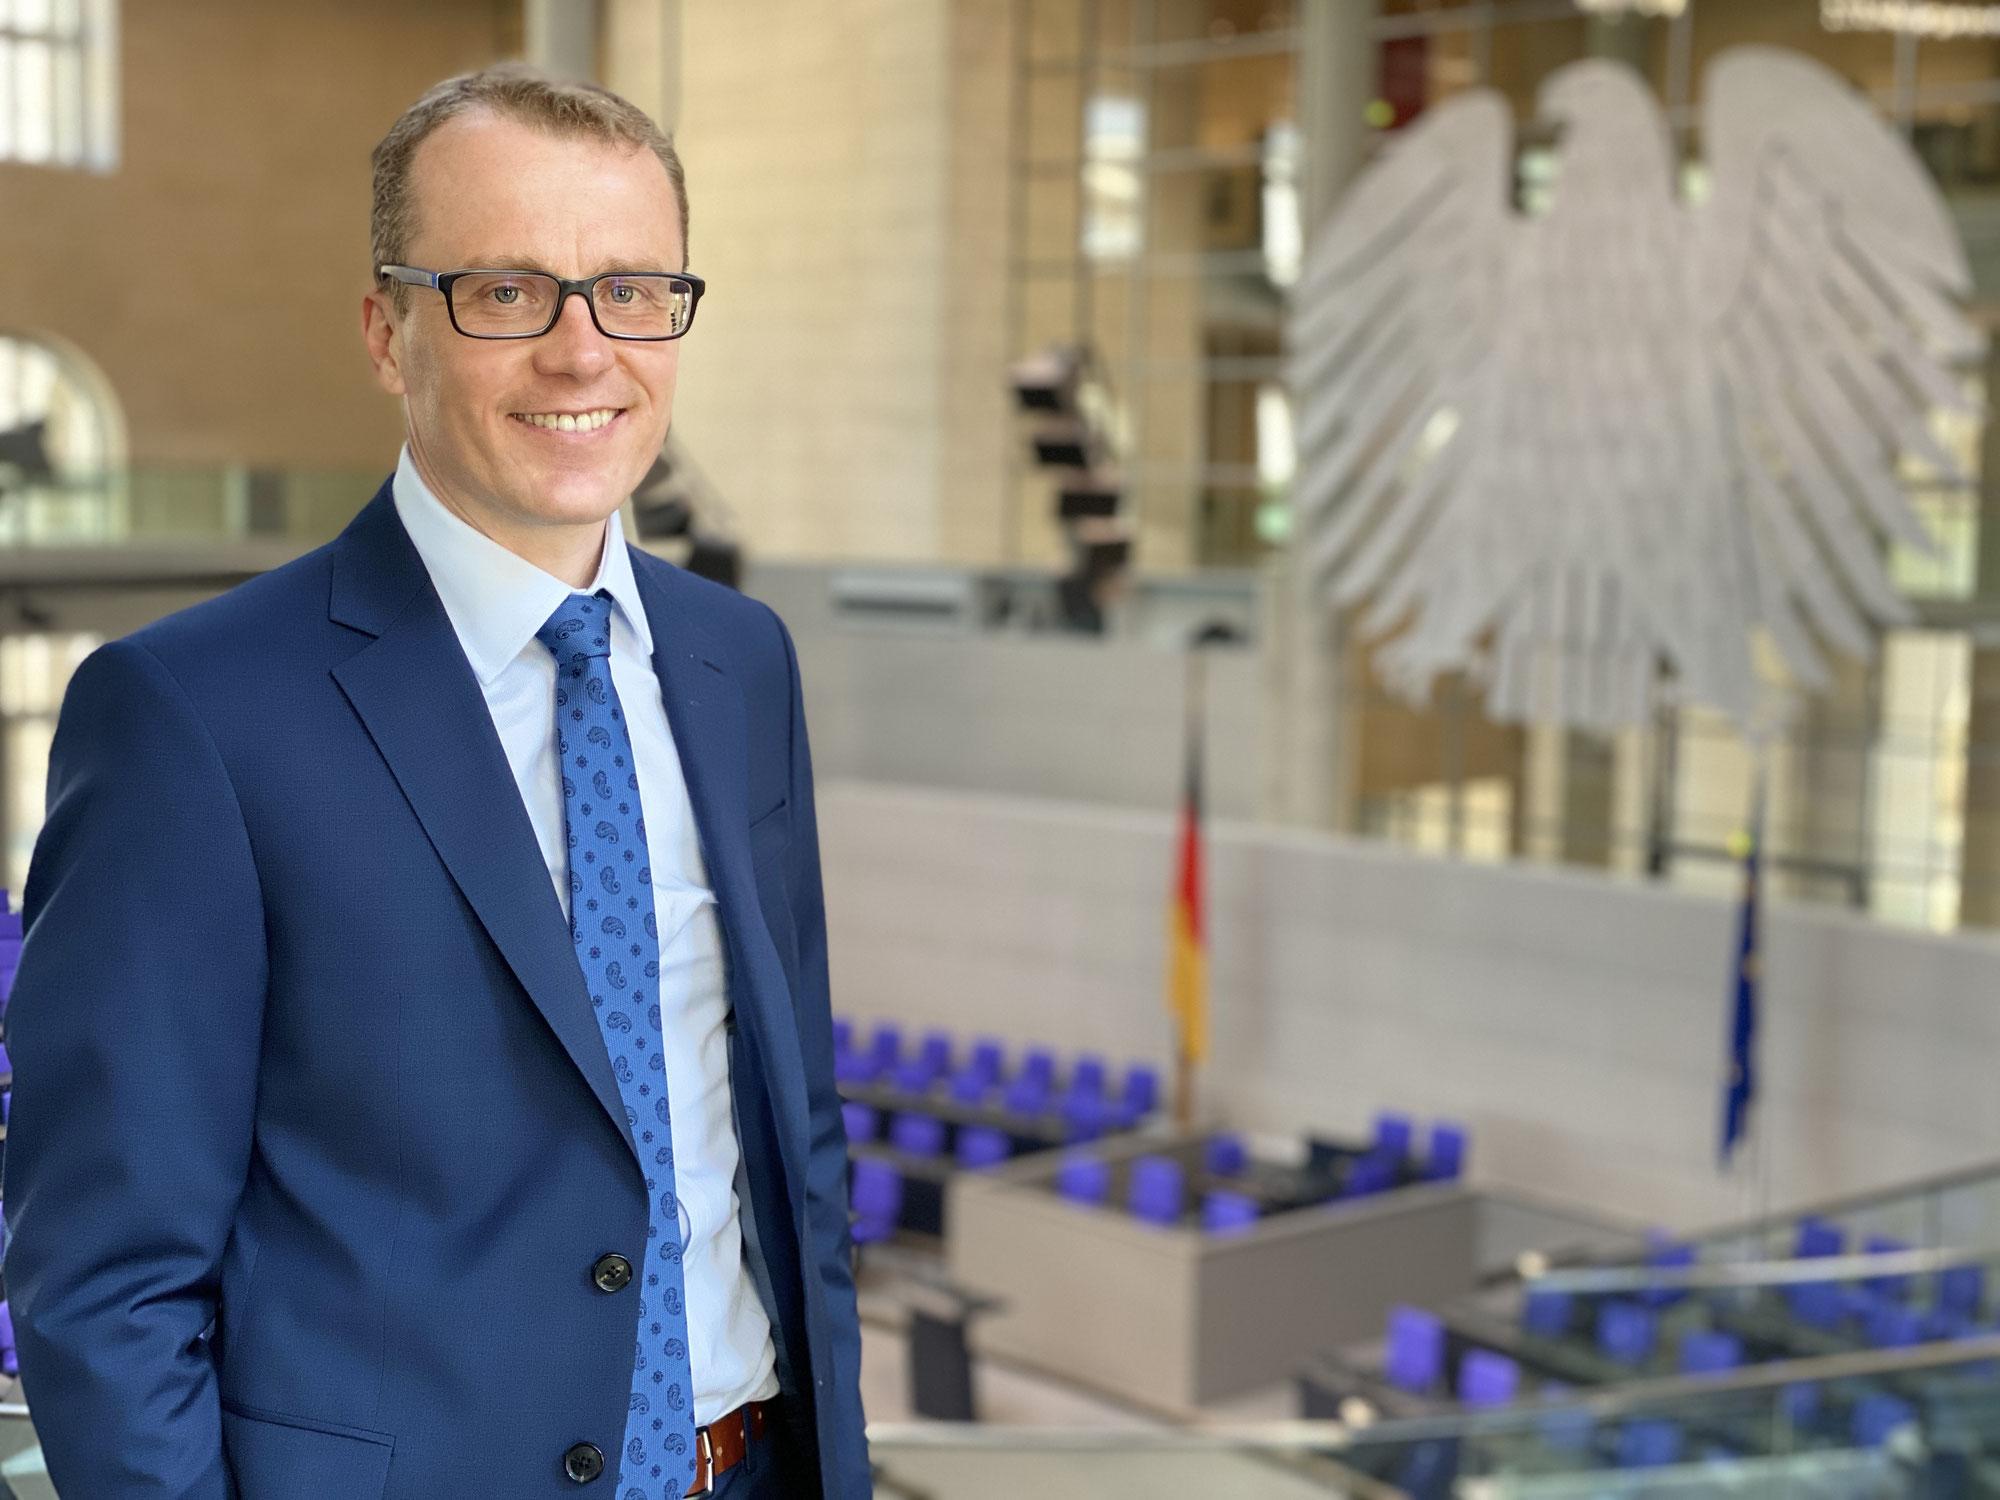 CDU-Gesundheitspolitiker weist Rechnungshof-Kritik zurück